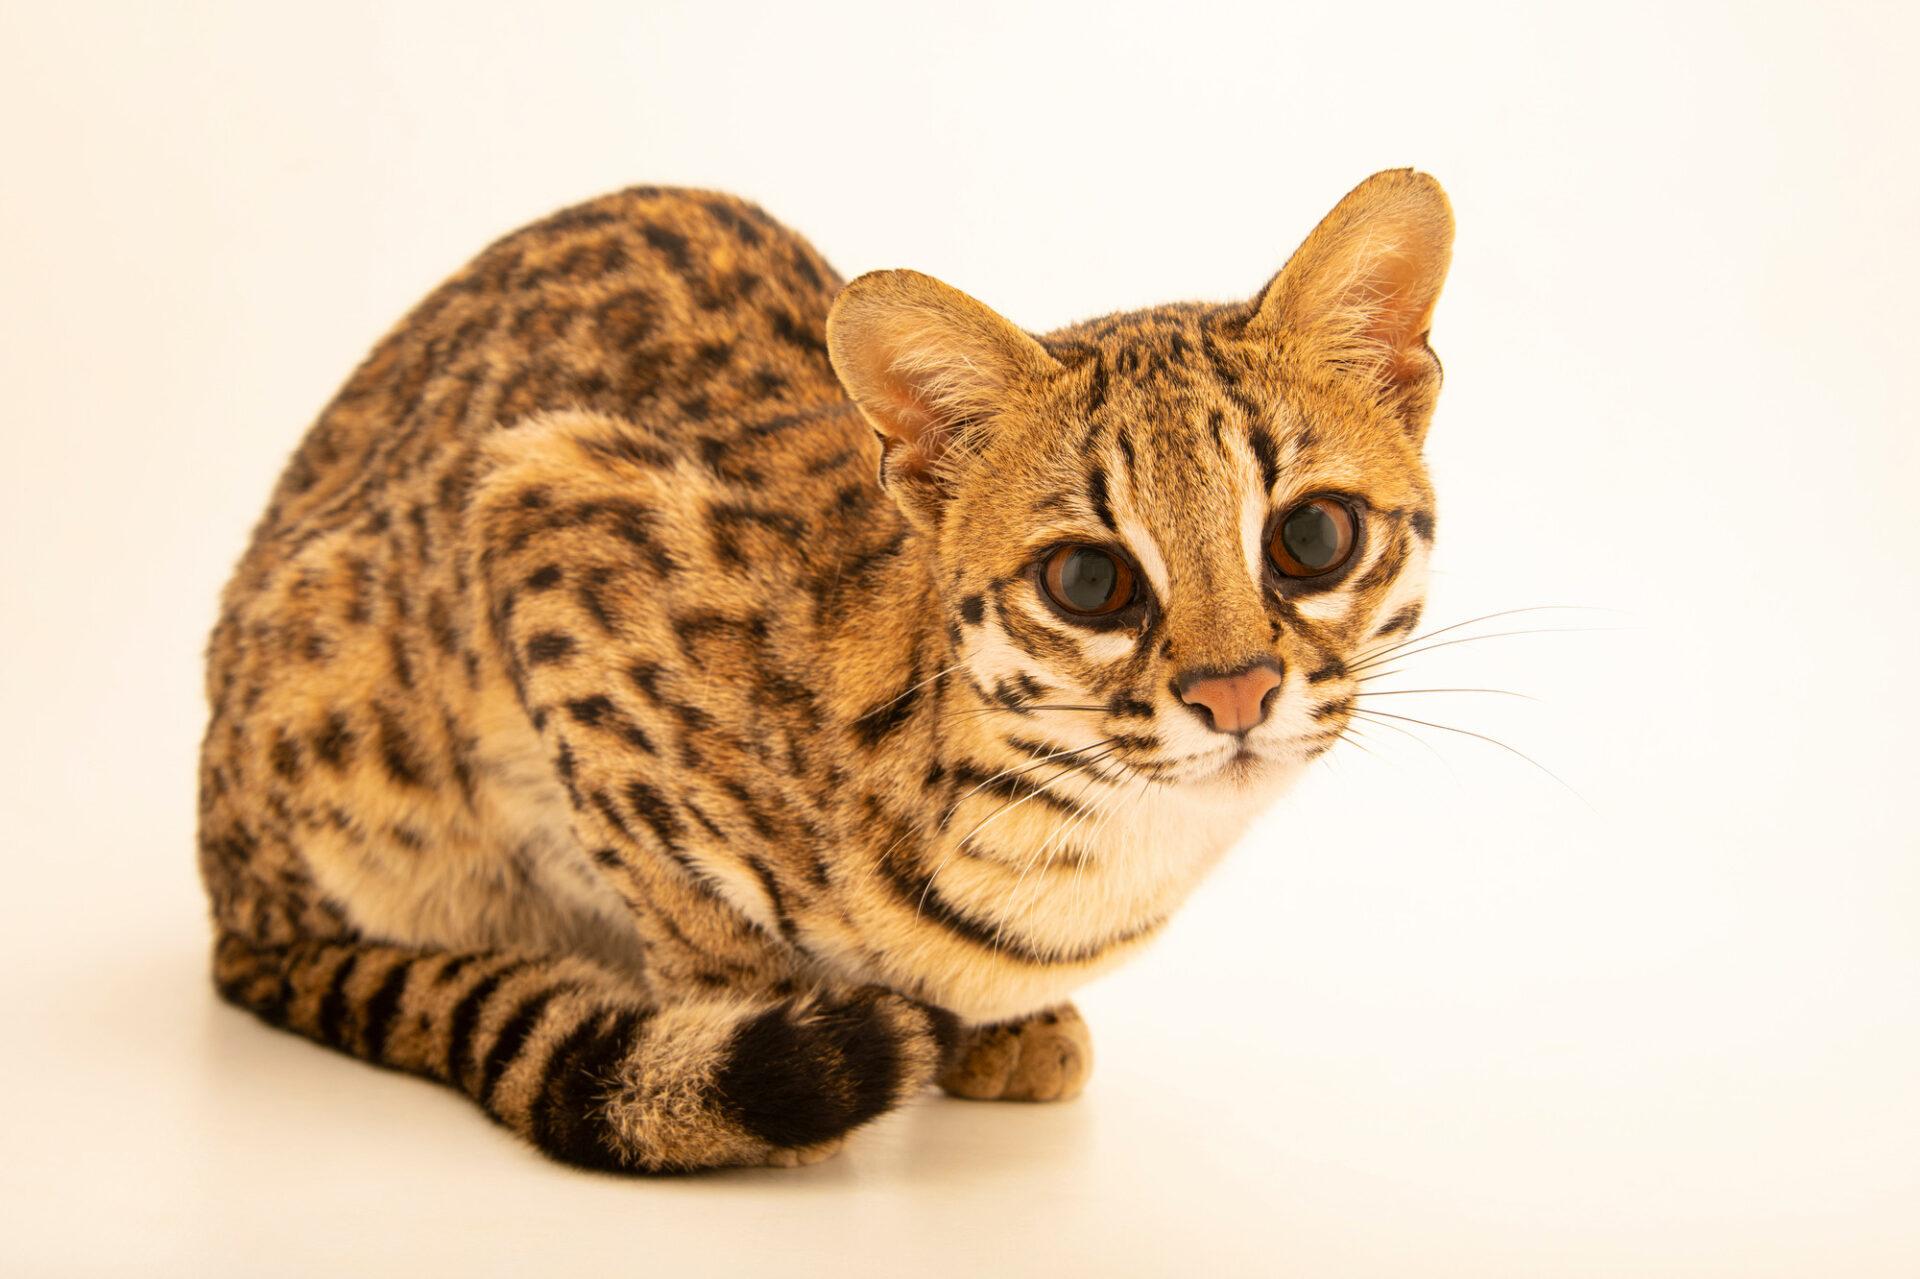 Photo: A female Southern oncilla or tiger cat (Leopardus guttulus) at Fundacao Jardim Zoologico de Brasilia.